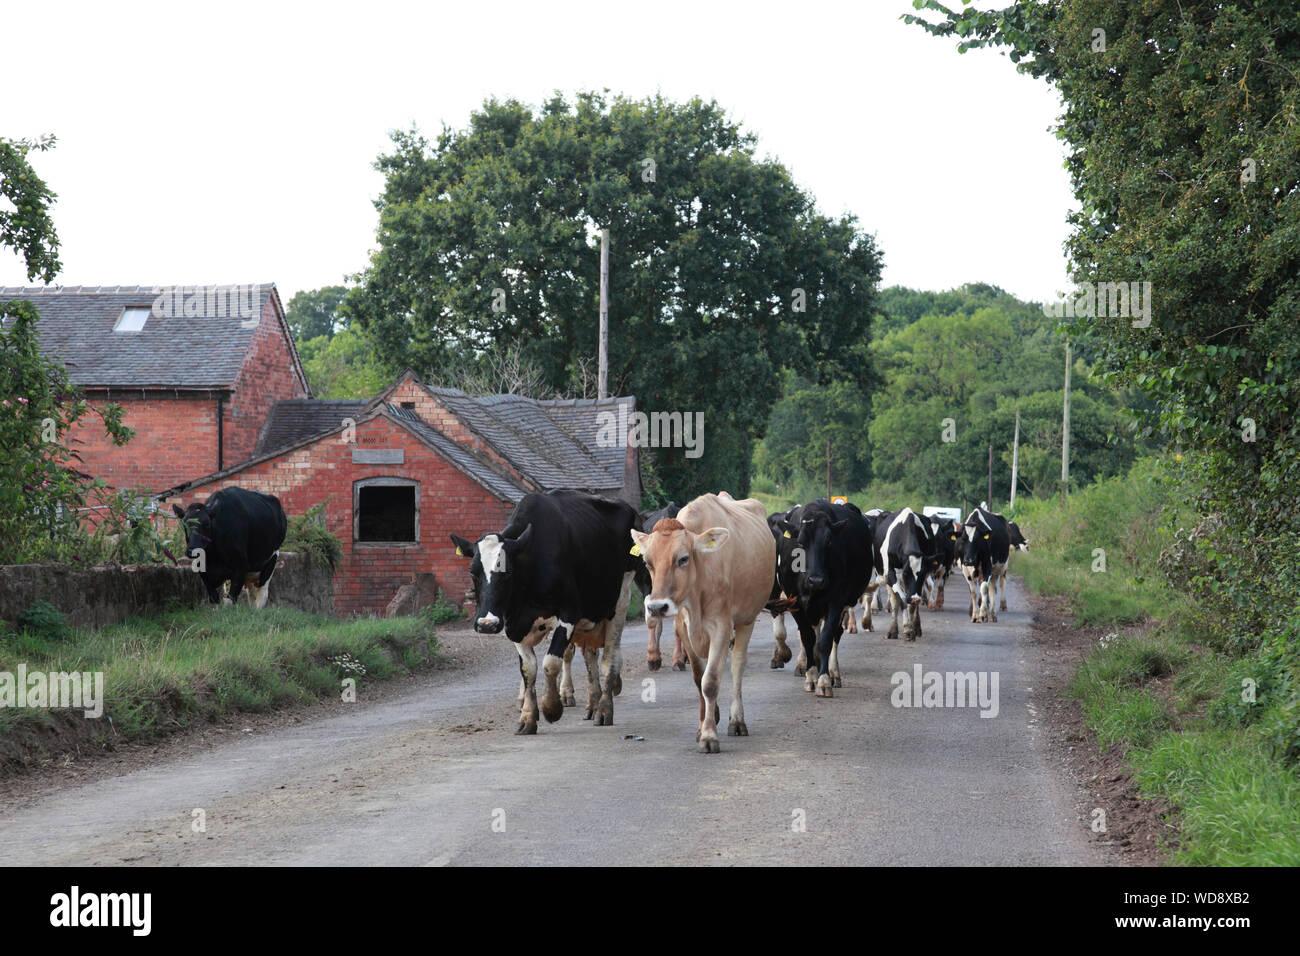 A529 road